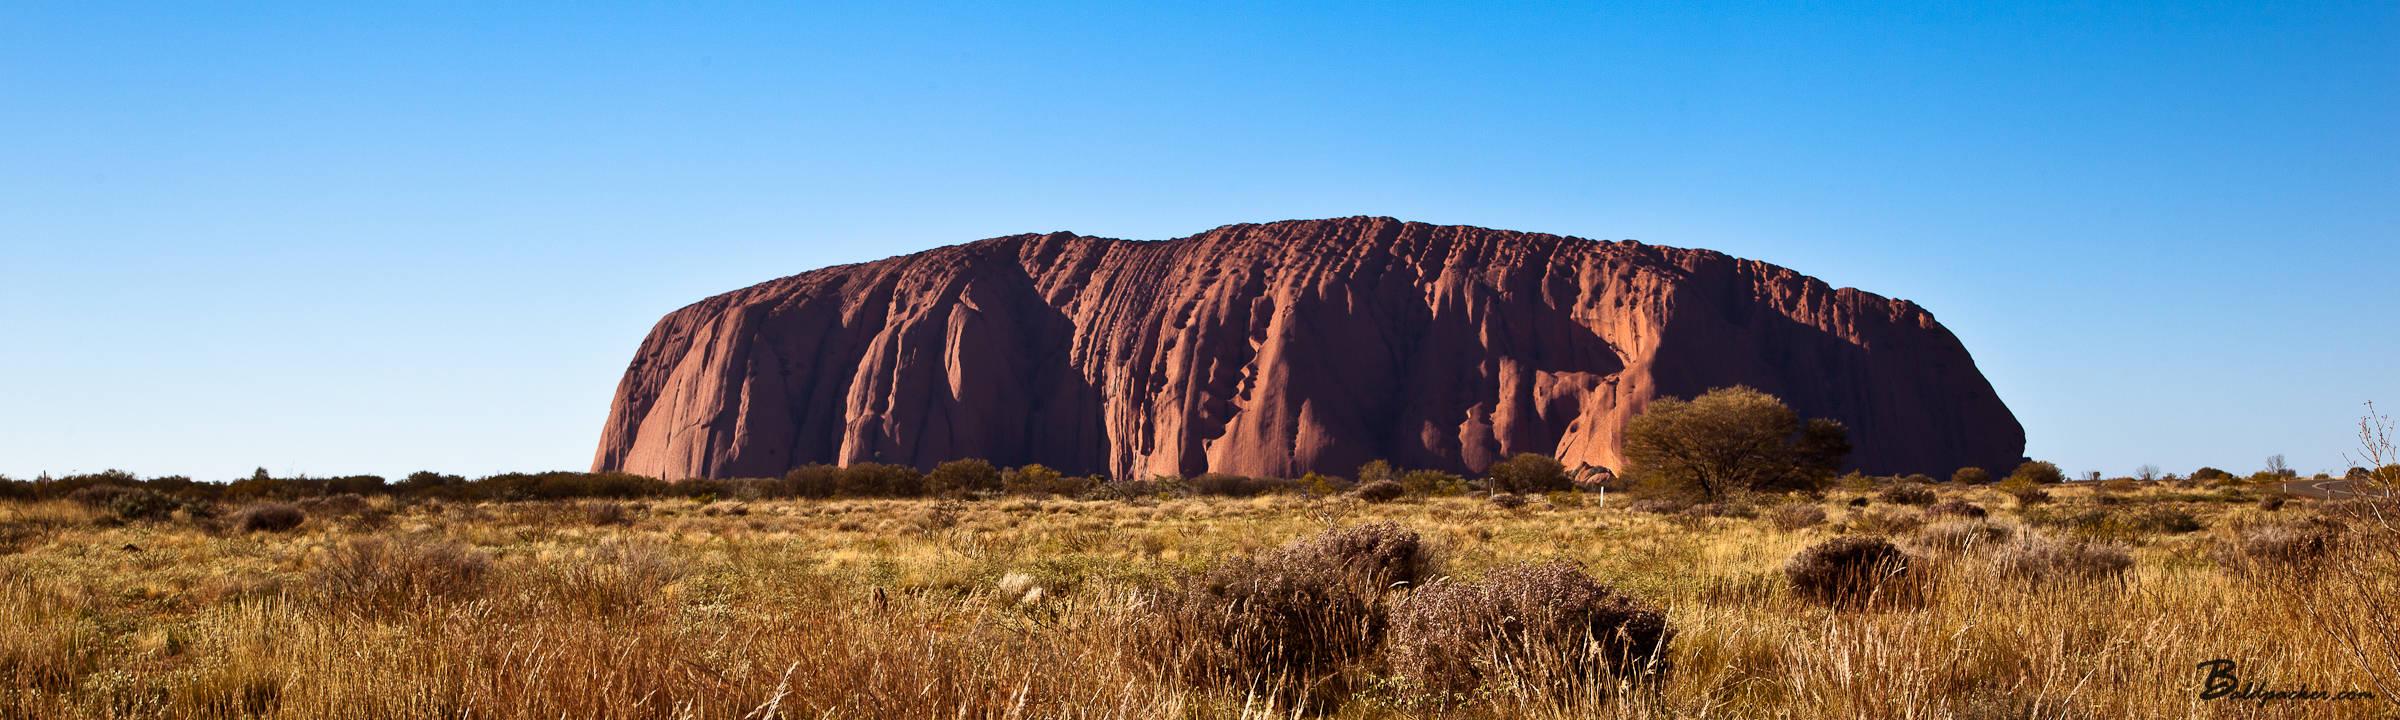 Australia: Mulgas Tour to Ayers Rock, Kings Canyon, and Kata Tjuta (Olgas)